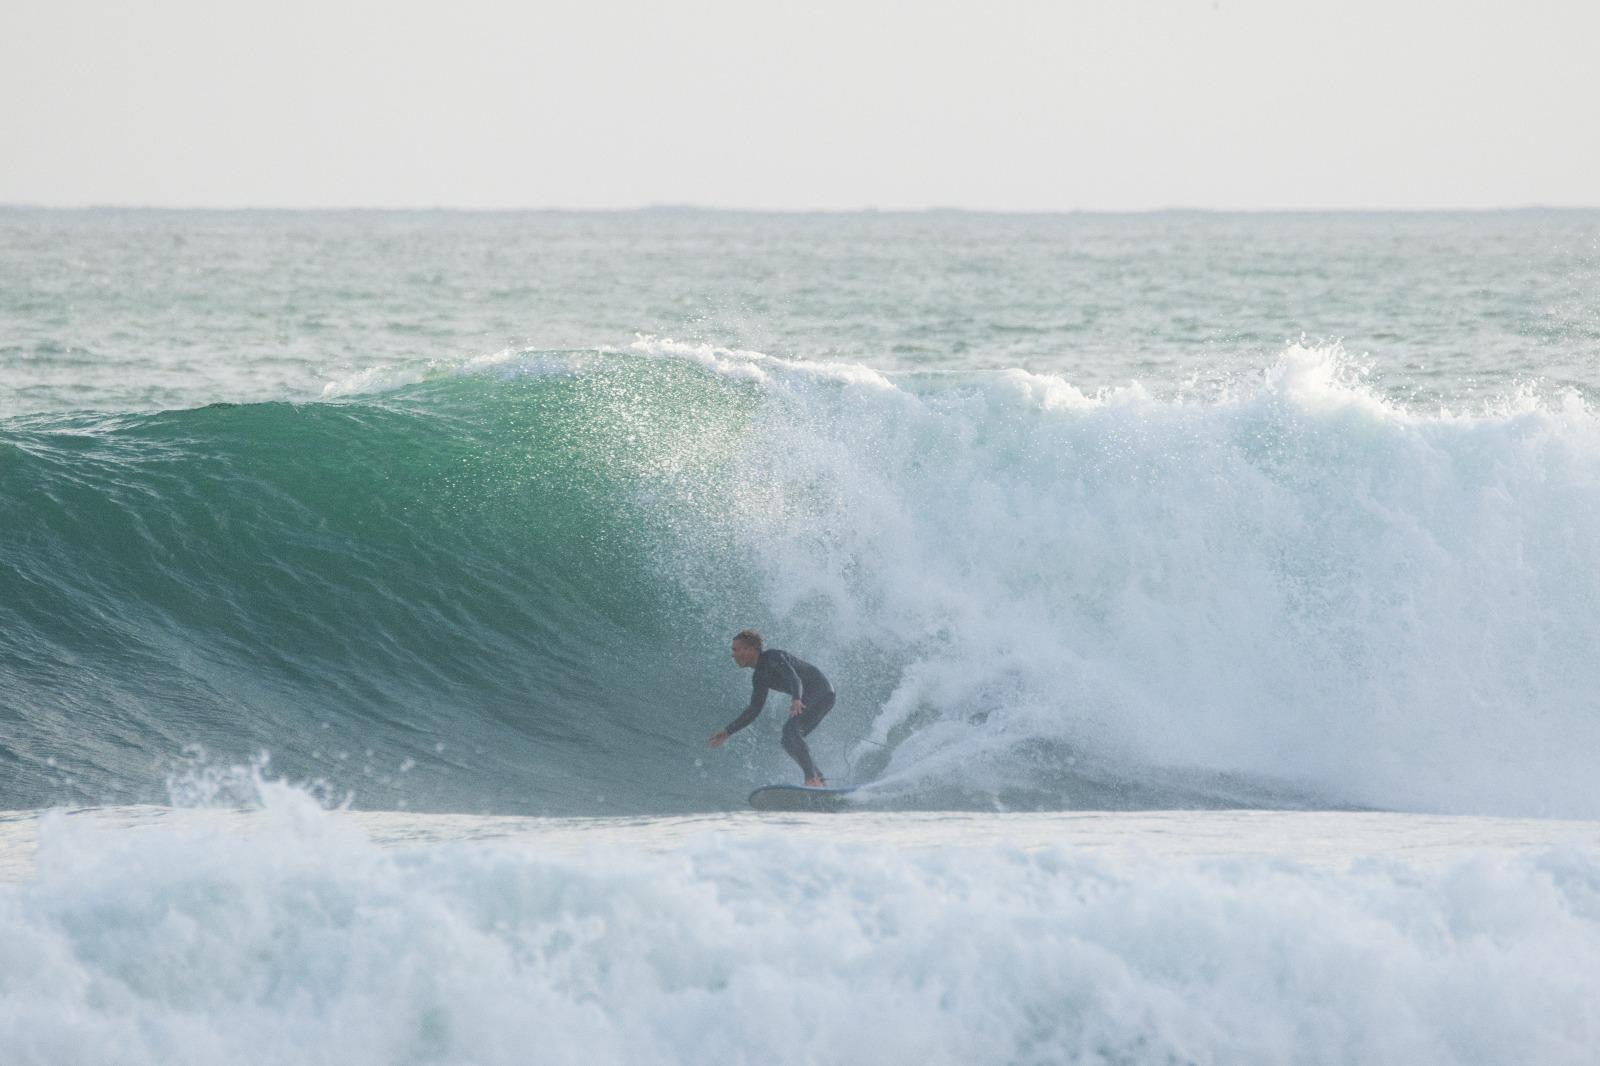 Die Wellen von Zavial liegen nur eine kurze Autofahrt von Hardys Arbeitsplatz entfernt und sind einer der Gründe, wieso Hardy sich durchaus vorstellen könnte, für immer in Portugal zu leben.